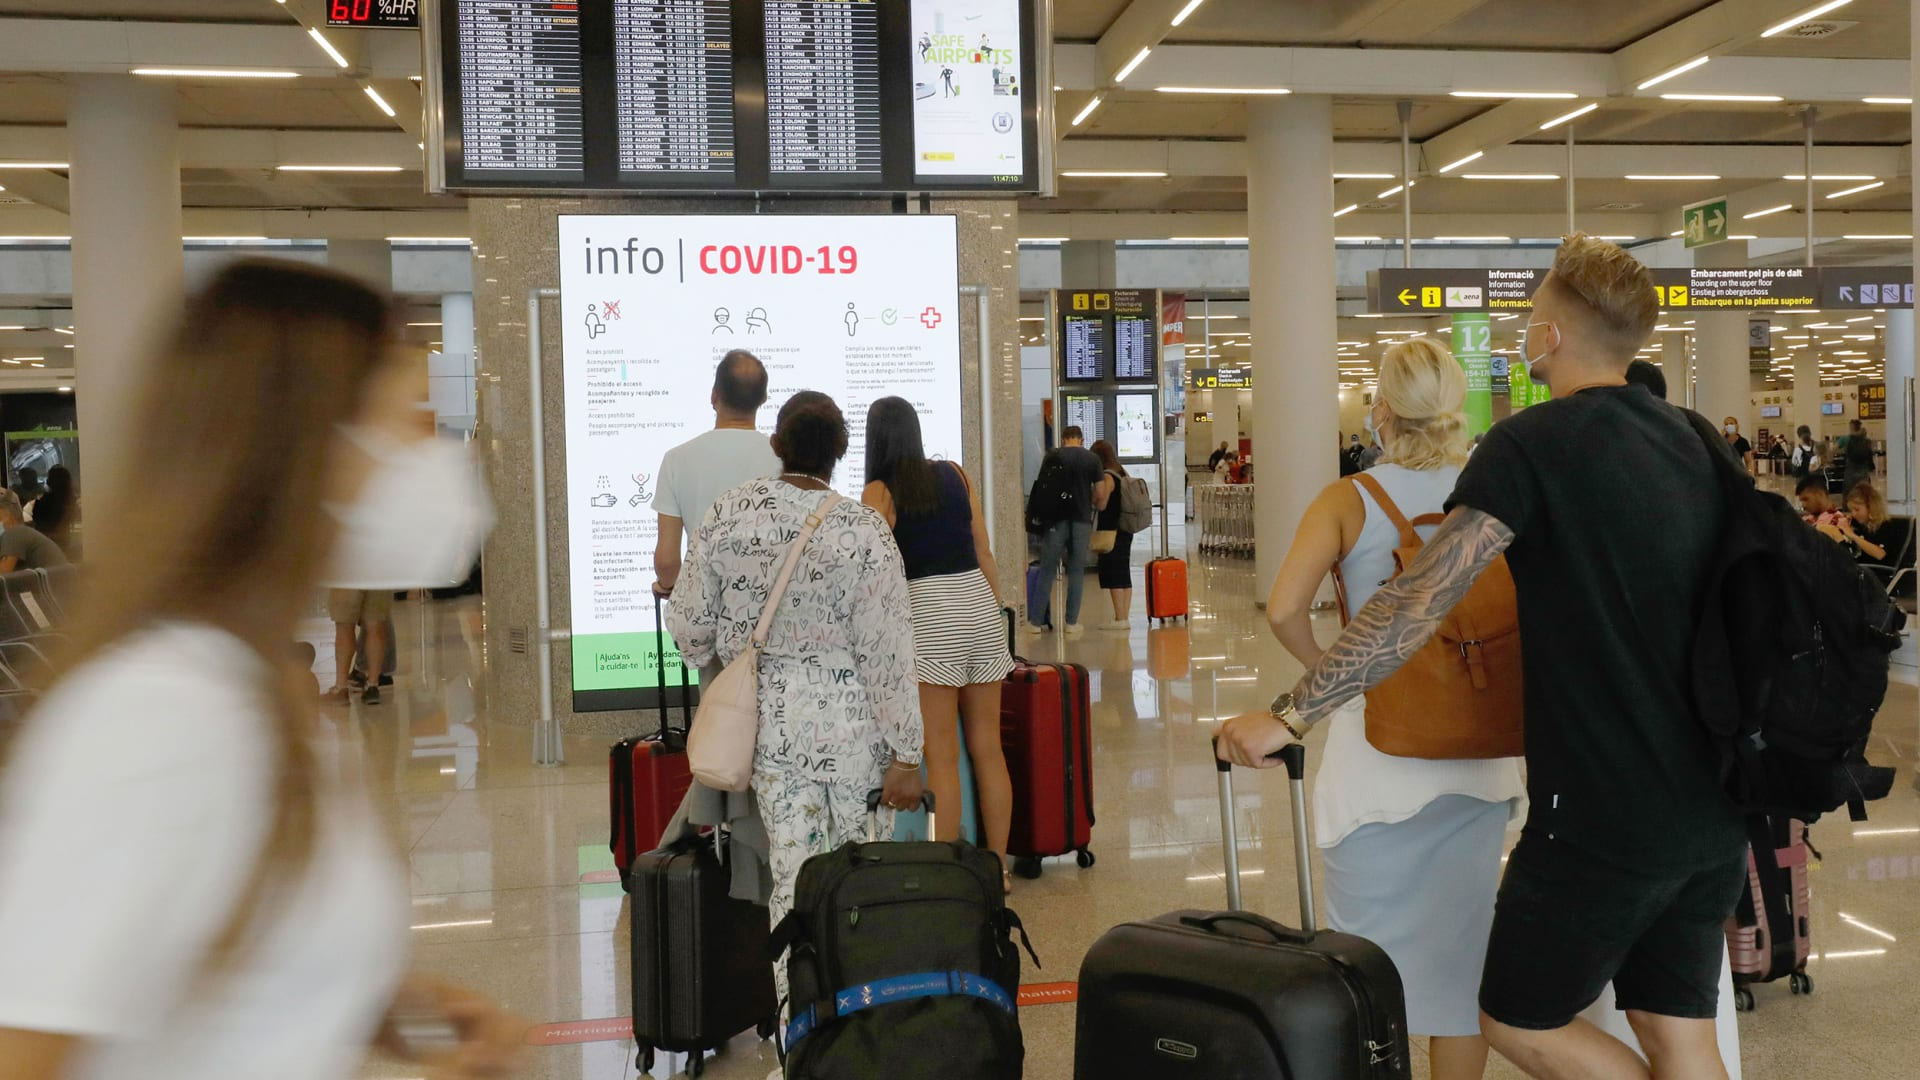 كل ما يحتاج المسافرون الأمريكيون معرفته حول قيود الاتحاد الأوروبي